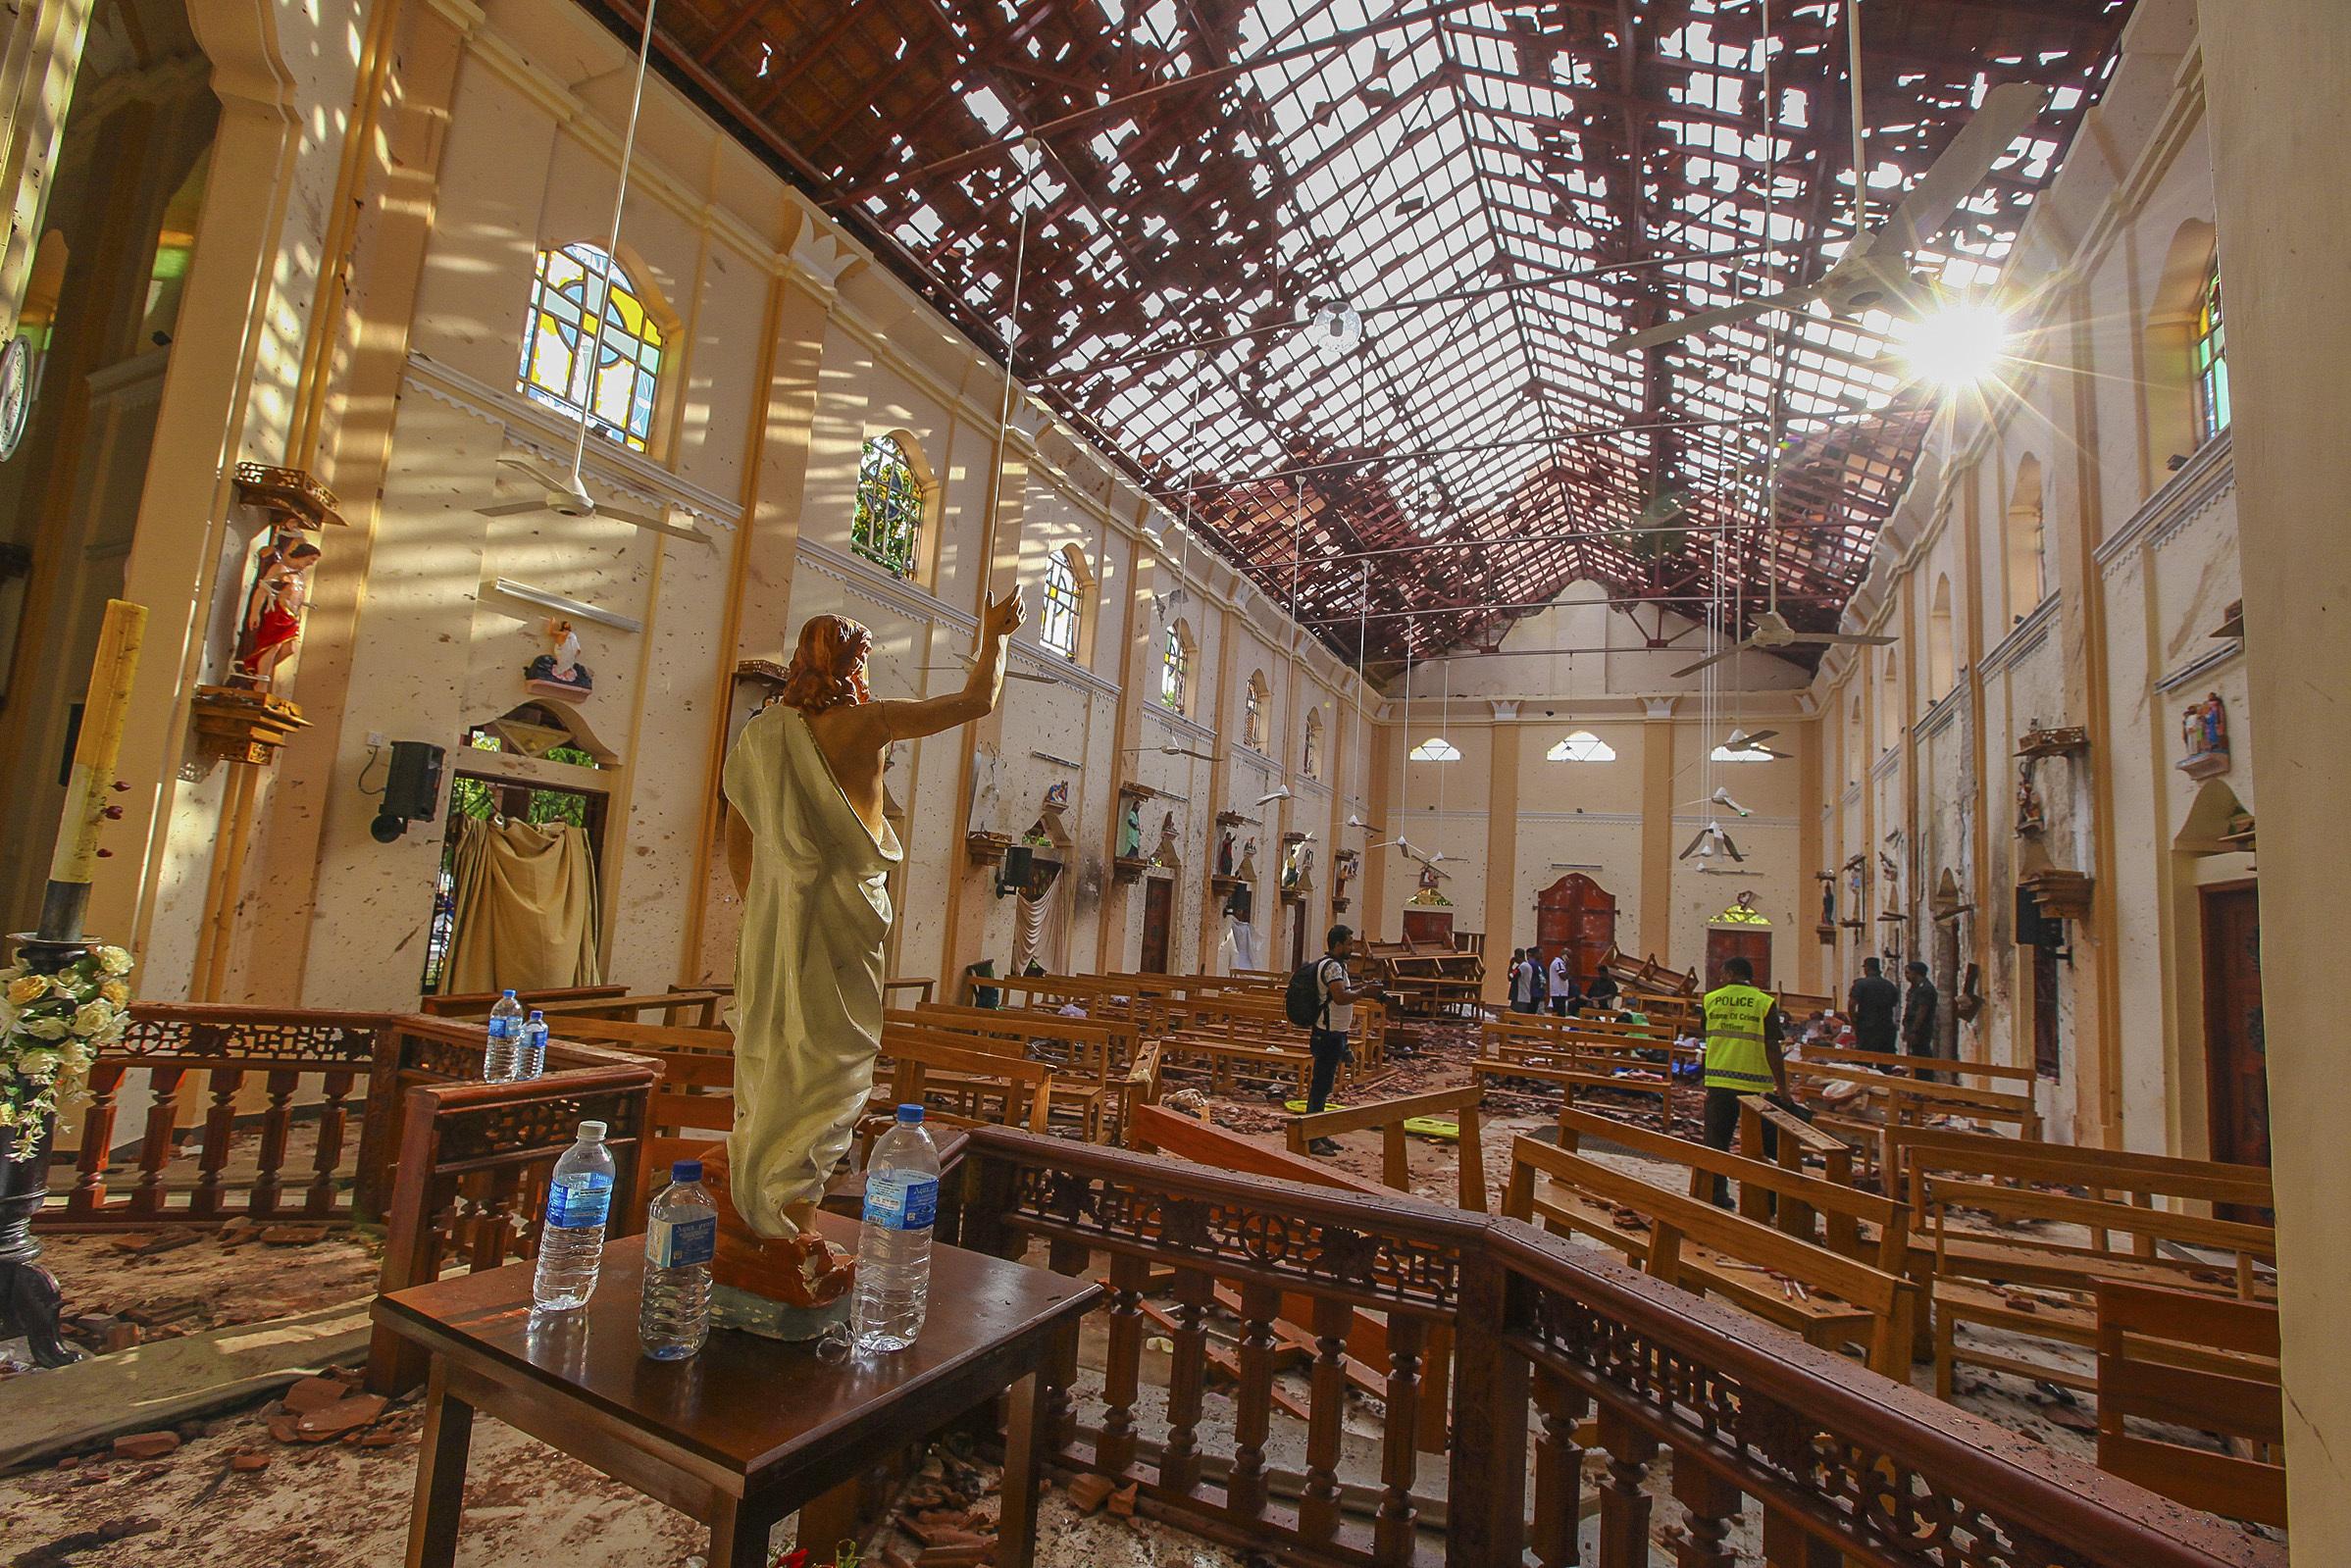 Damage inside katuwapitiya st Sebastian church after a blast in Negombo , Sunday, April 21, 2019. (Ap Photo- Rohan Karunarathne)